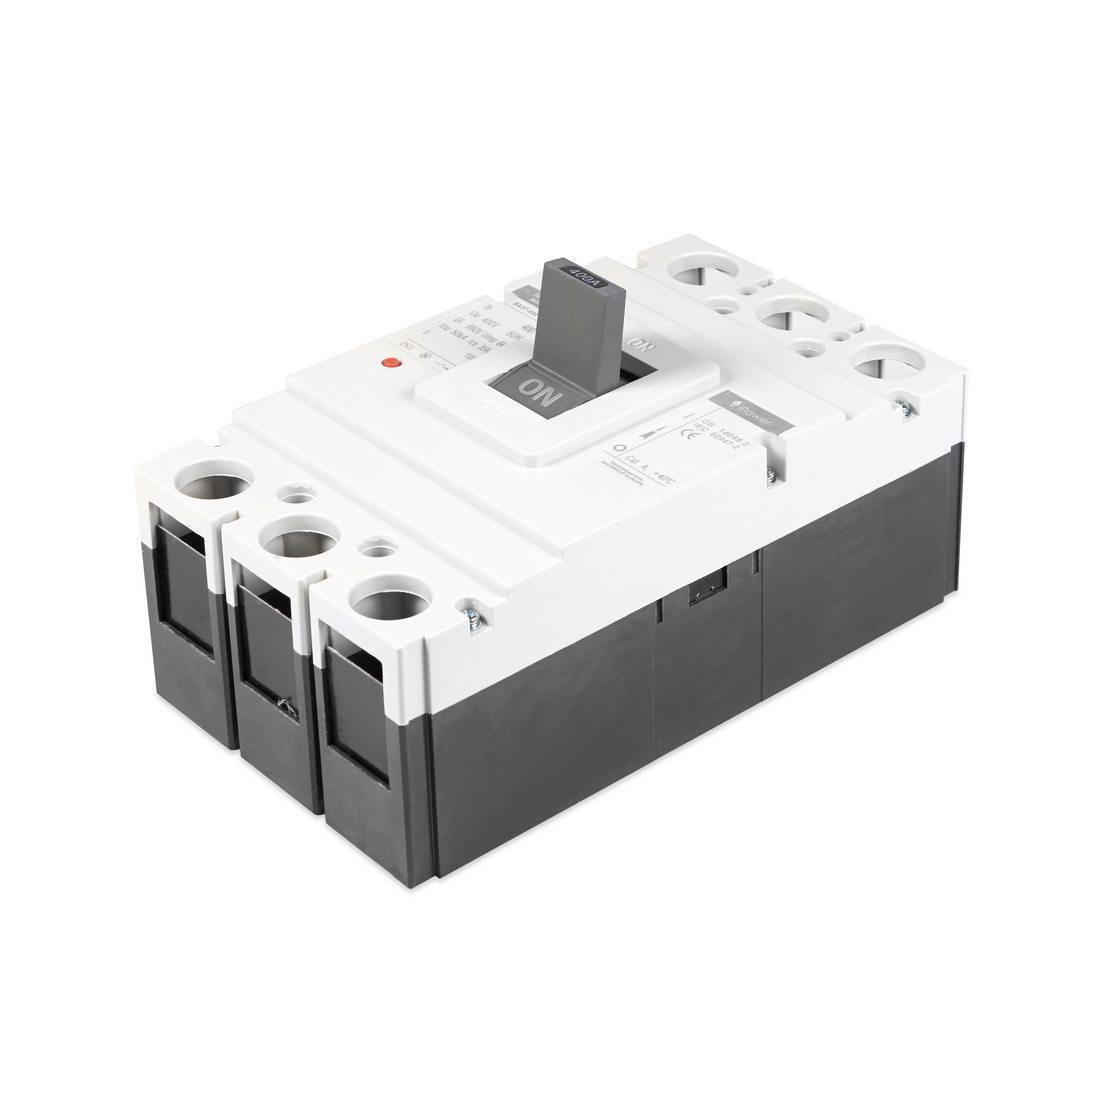 Автоматический выключатель установочный Chint NM1 200A 250S/3300 3P 200А, 400 В, Кол-во полюсов: 3, Предел отк